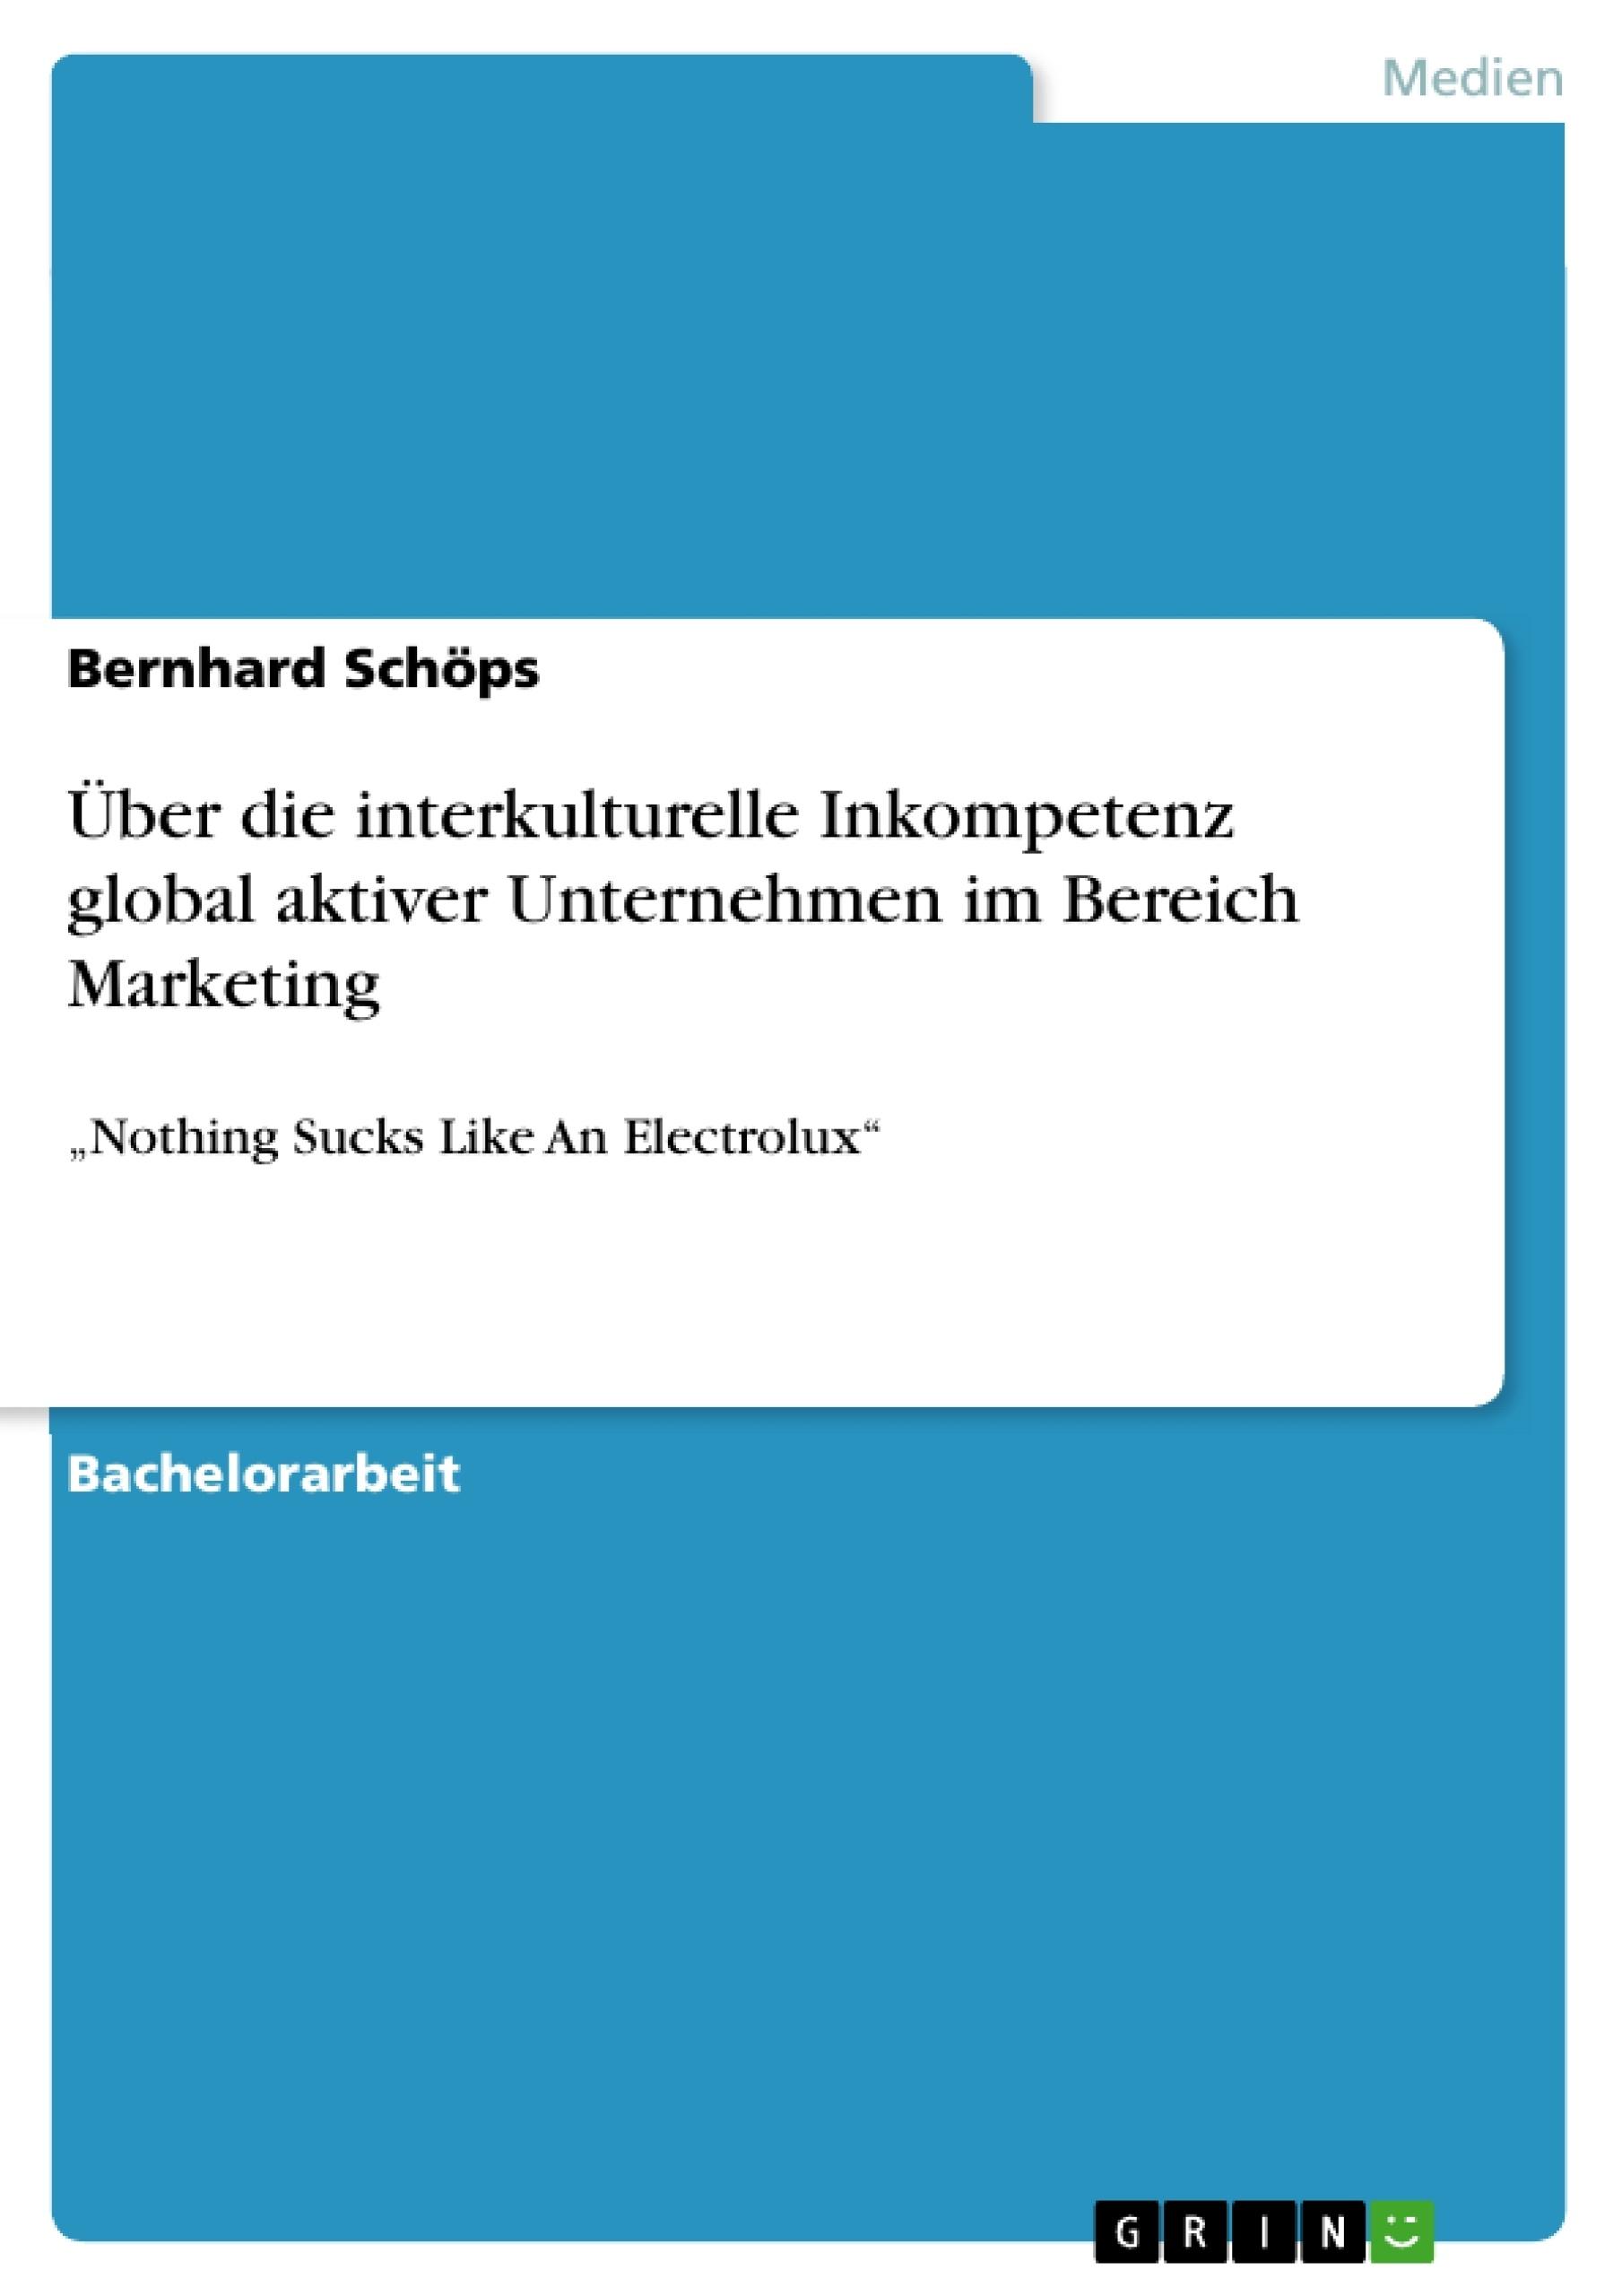 Titel: Über die interkulturelle Inkompetenz global aktiver Unternehmen im Bereich Marketing